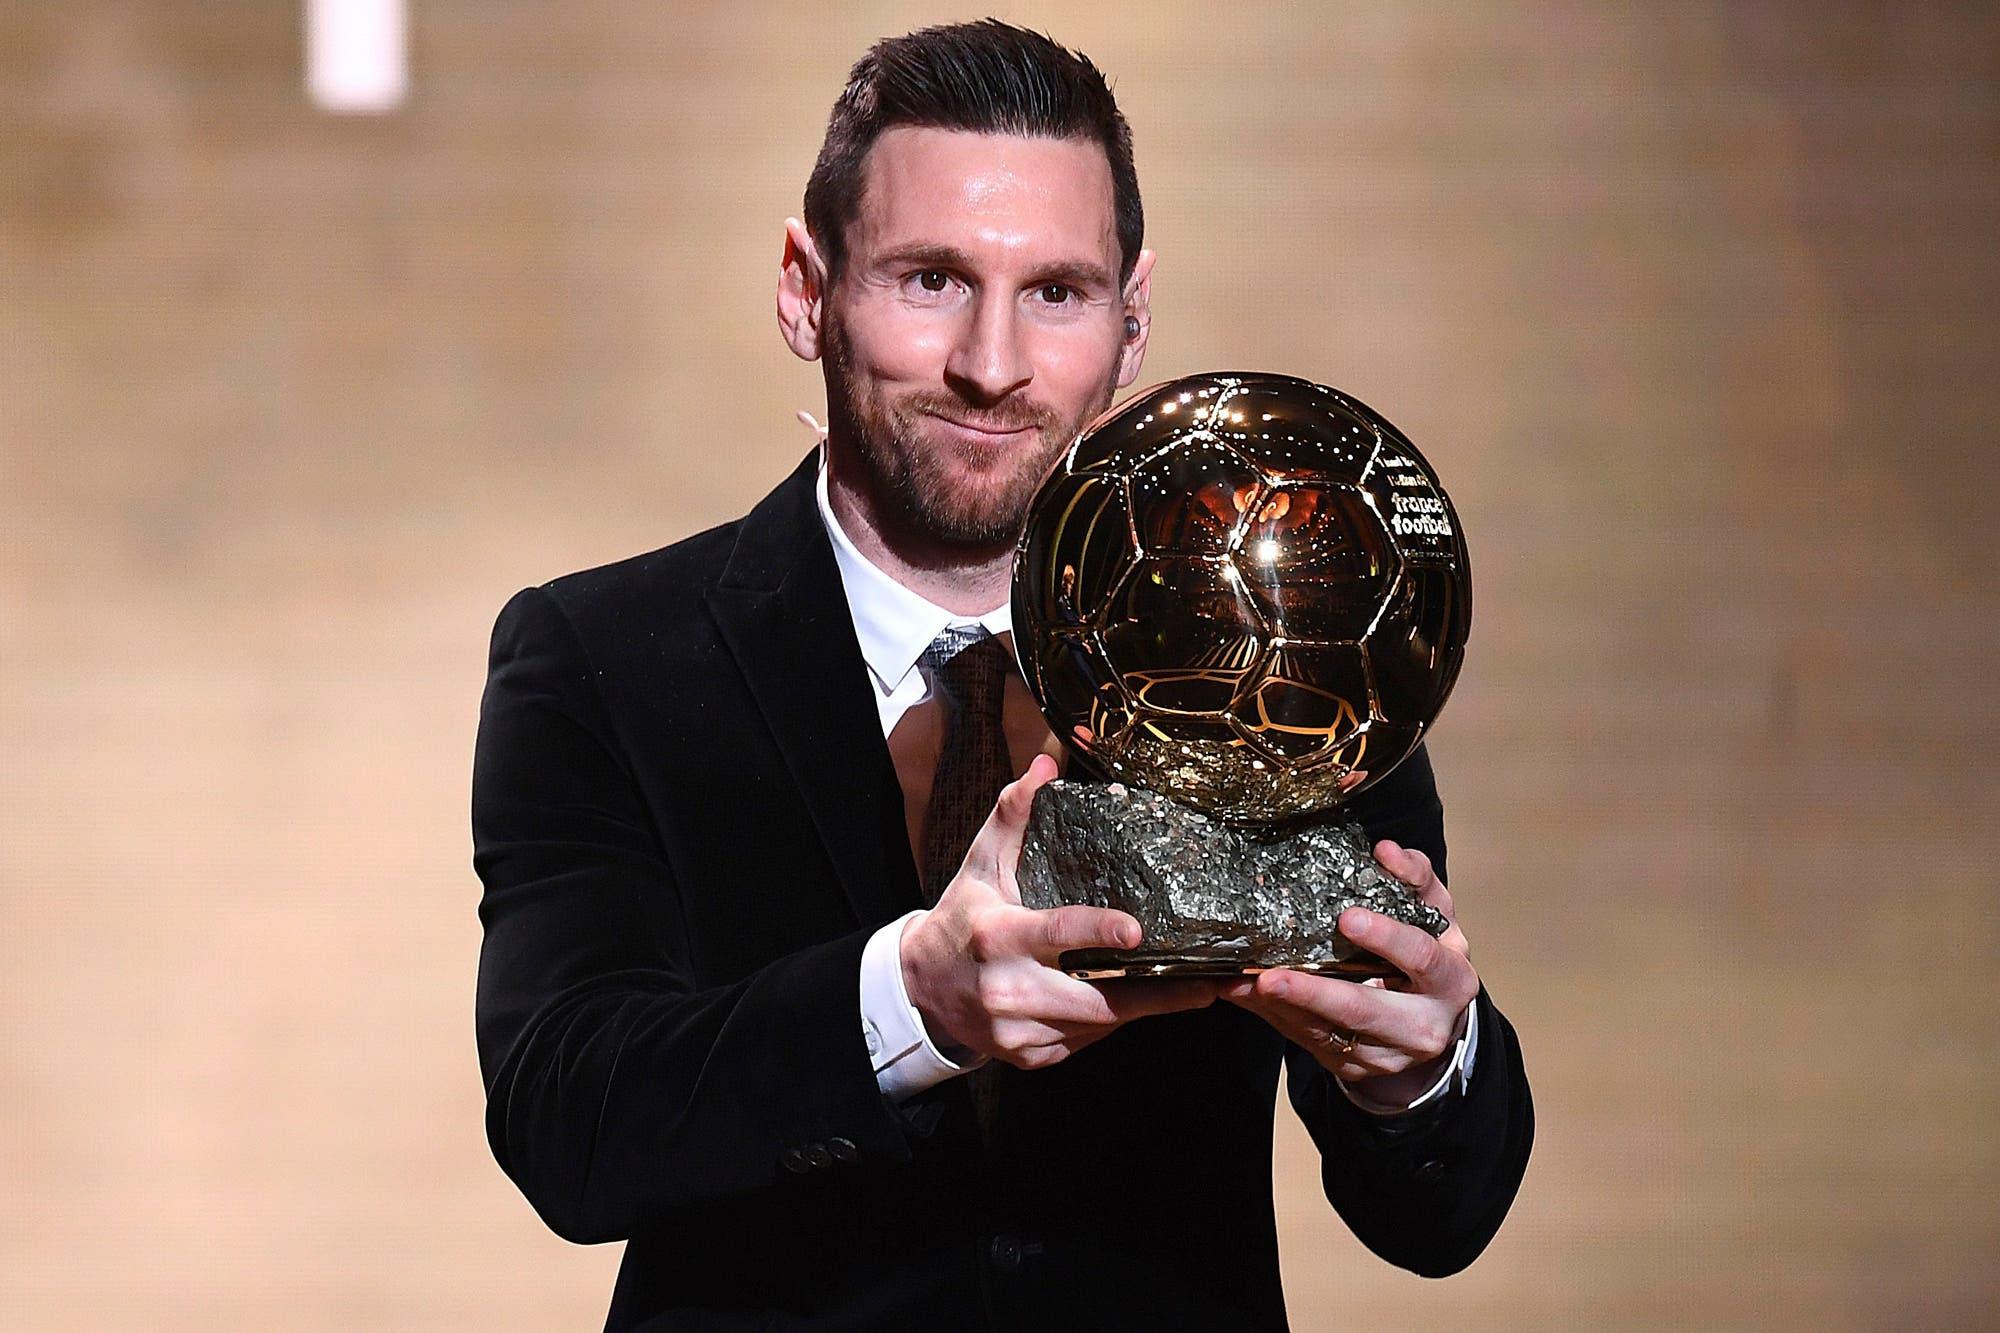 El mejor del mundo: Lionel Messi recibió su sexto Balón de Oro y es el más ganador de la historia